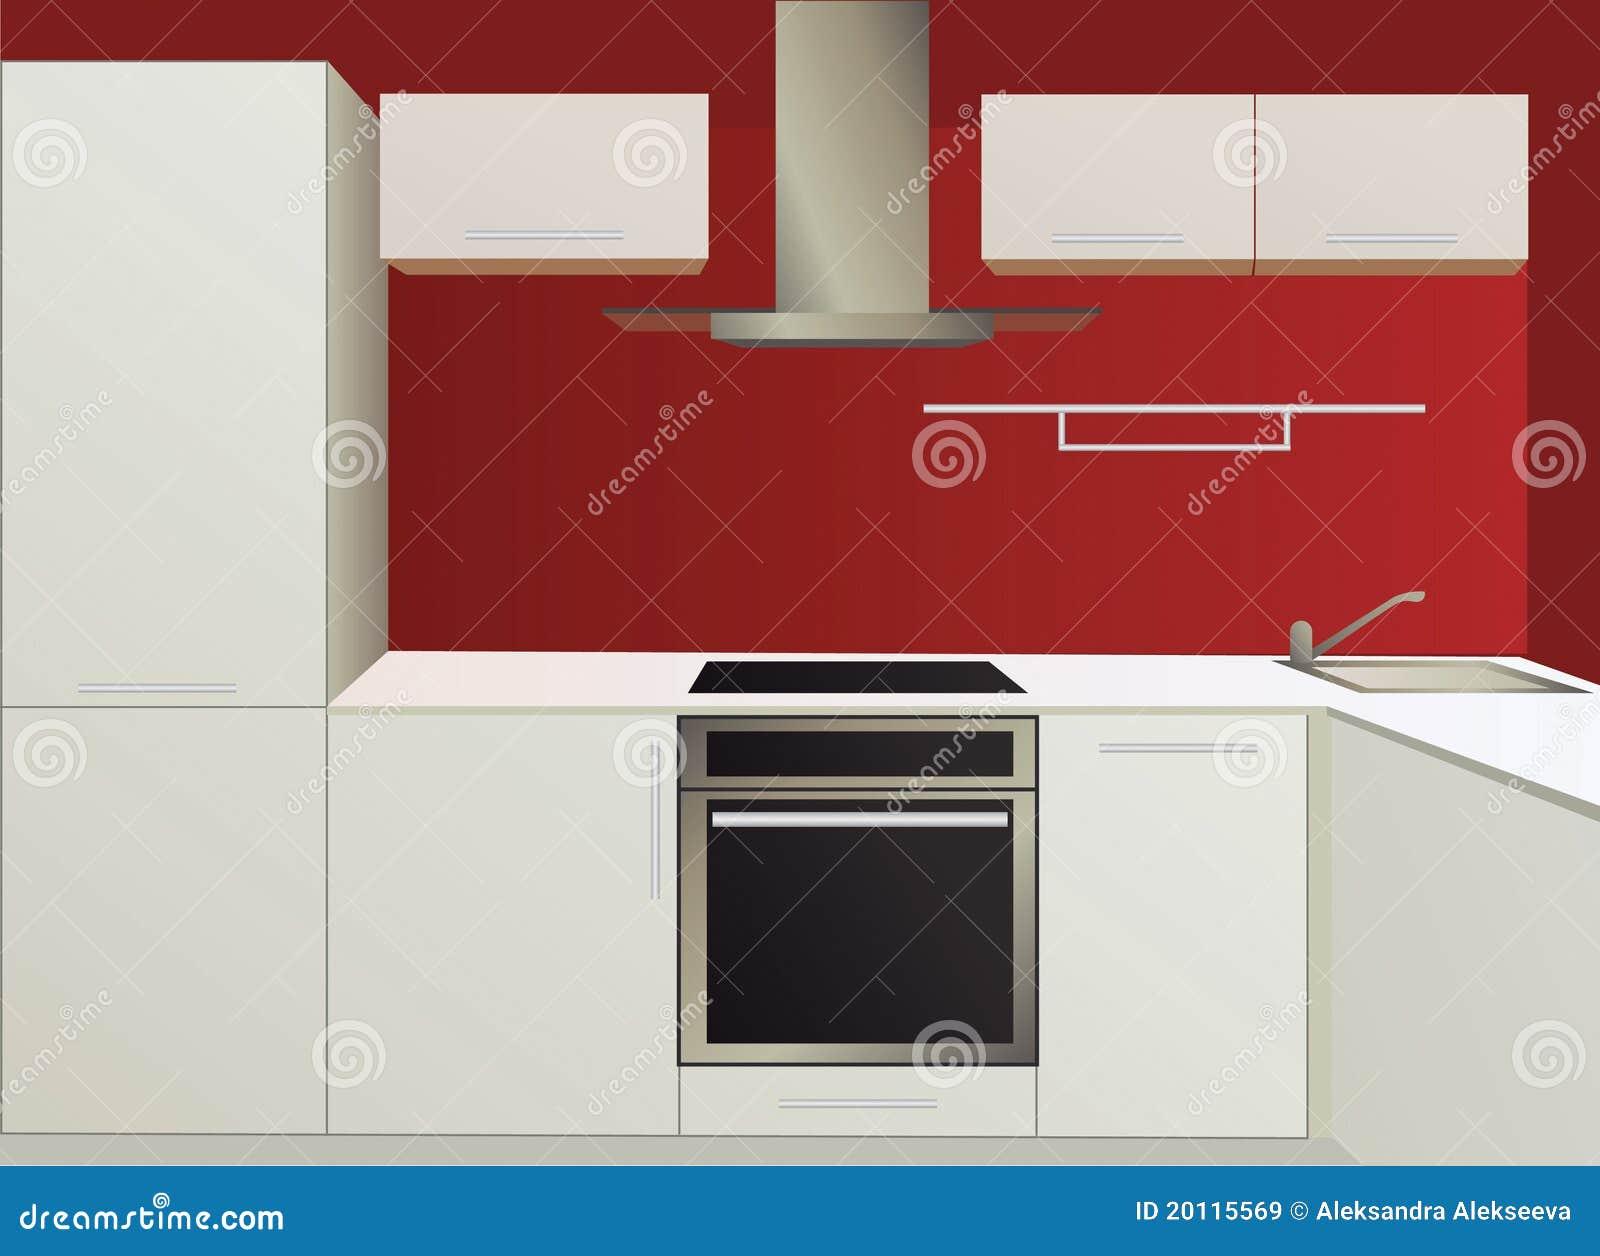 Cozinha branca e vermelha com aparelhos electrodom sticos for Cuisine tout equipee pas cher